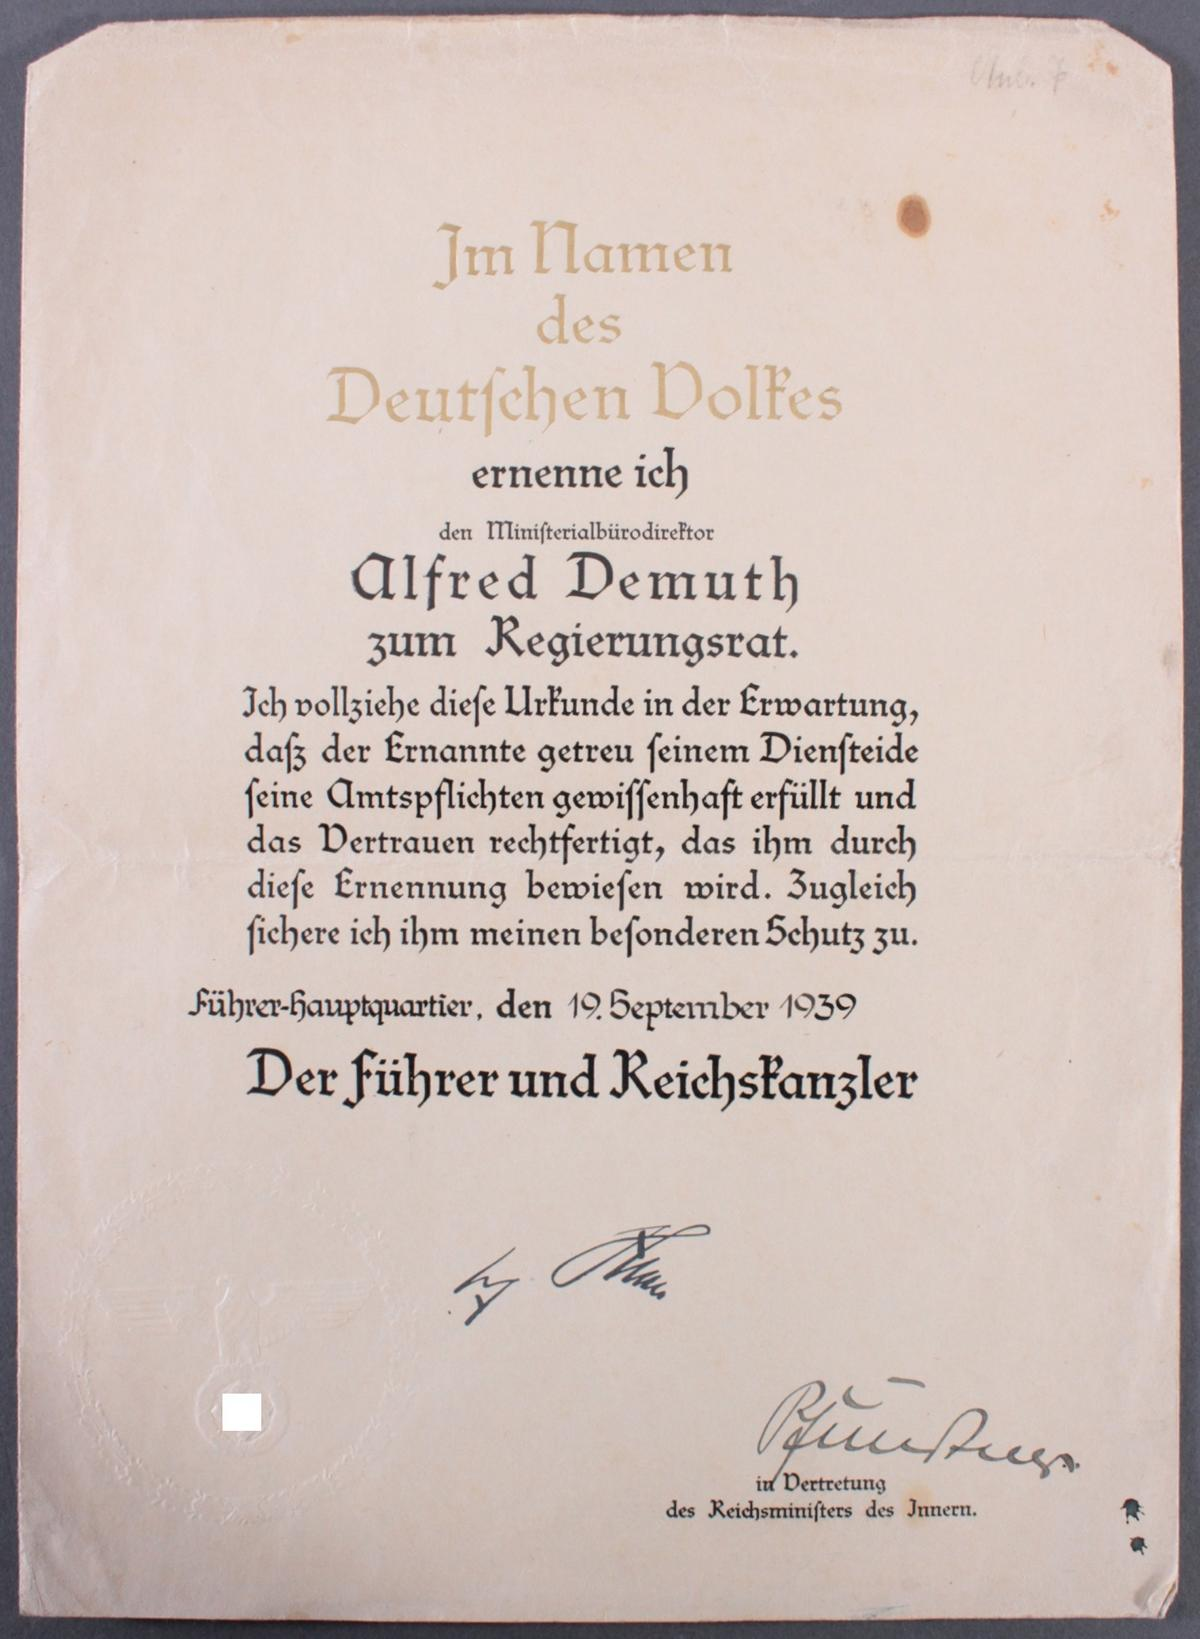 Urkunde mit Autograph Dr. Hans Pfundtner